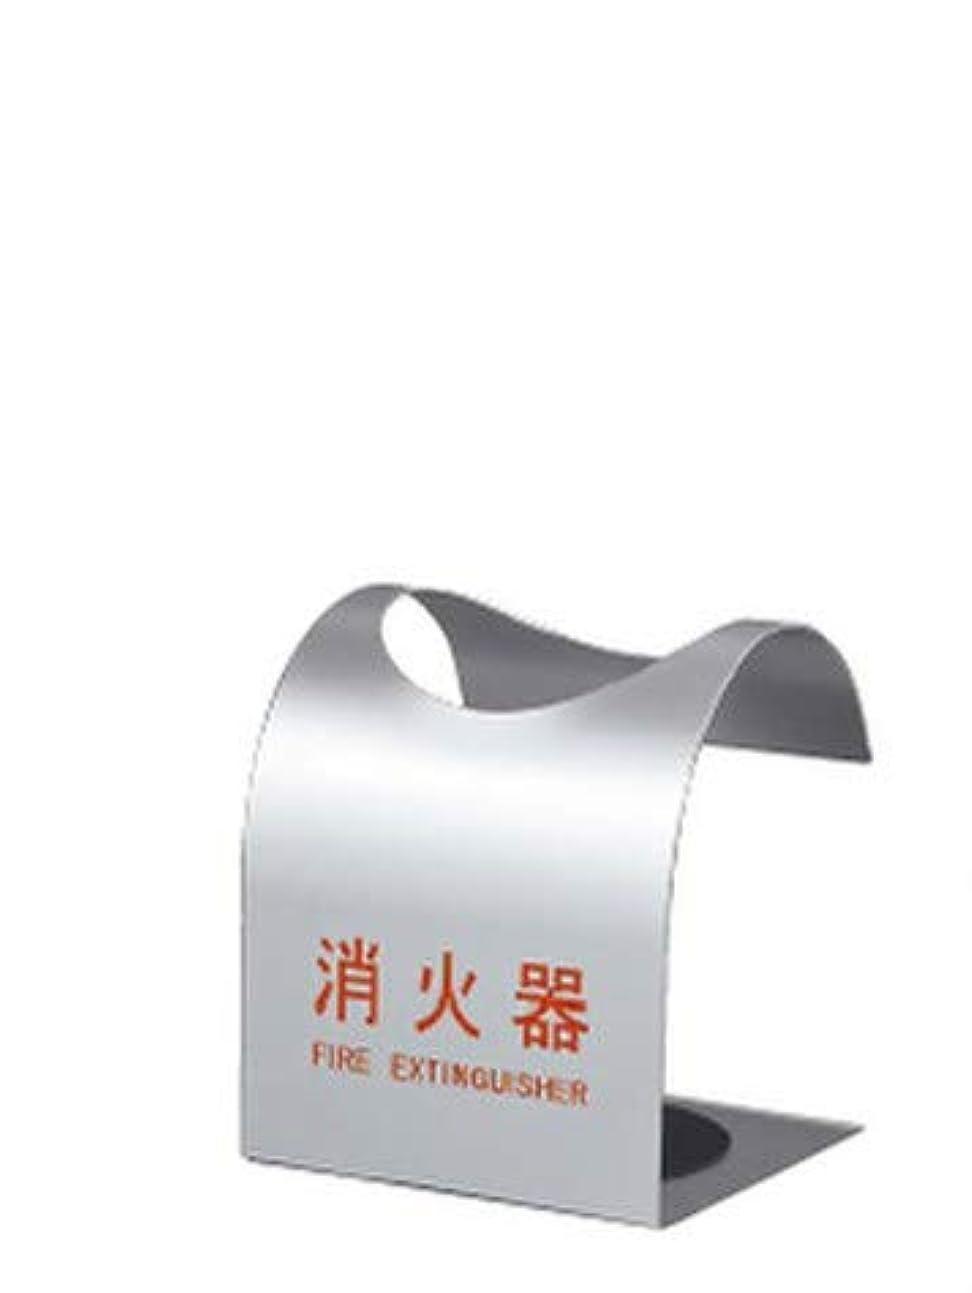 地上のカセット概念神栄ホームクリエイト 消火器ボックス 据置型 SK-FEB-FG310 シルバー 消火器置き